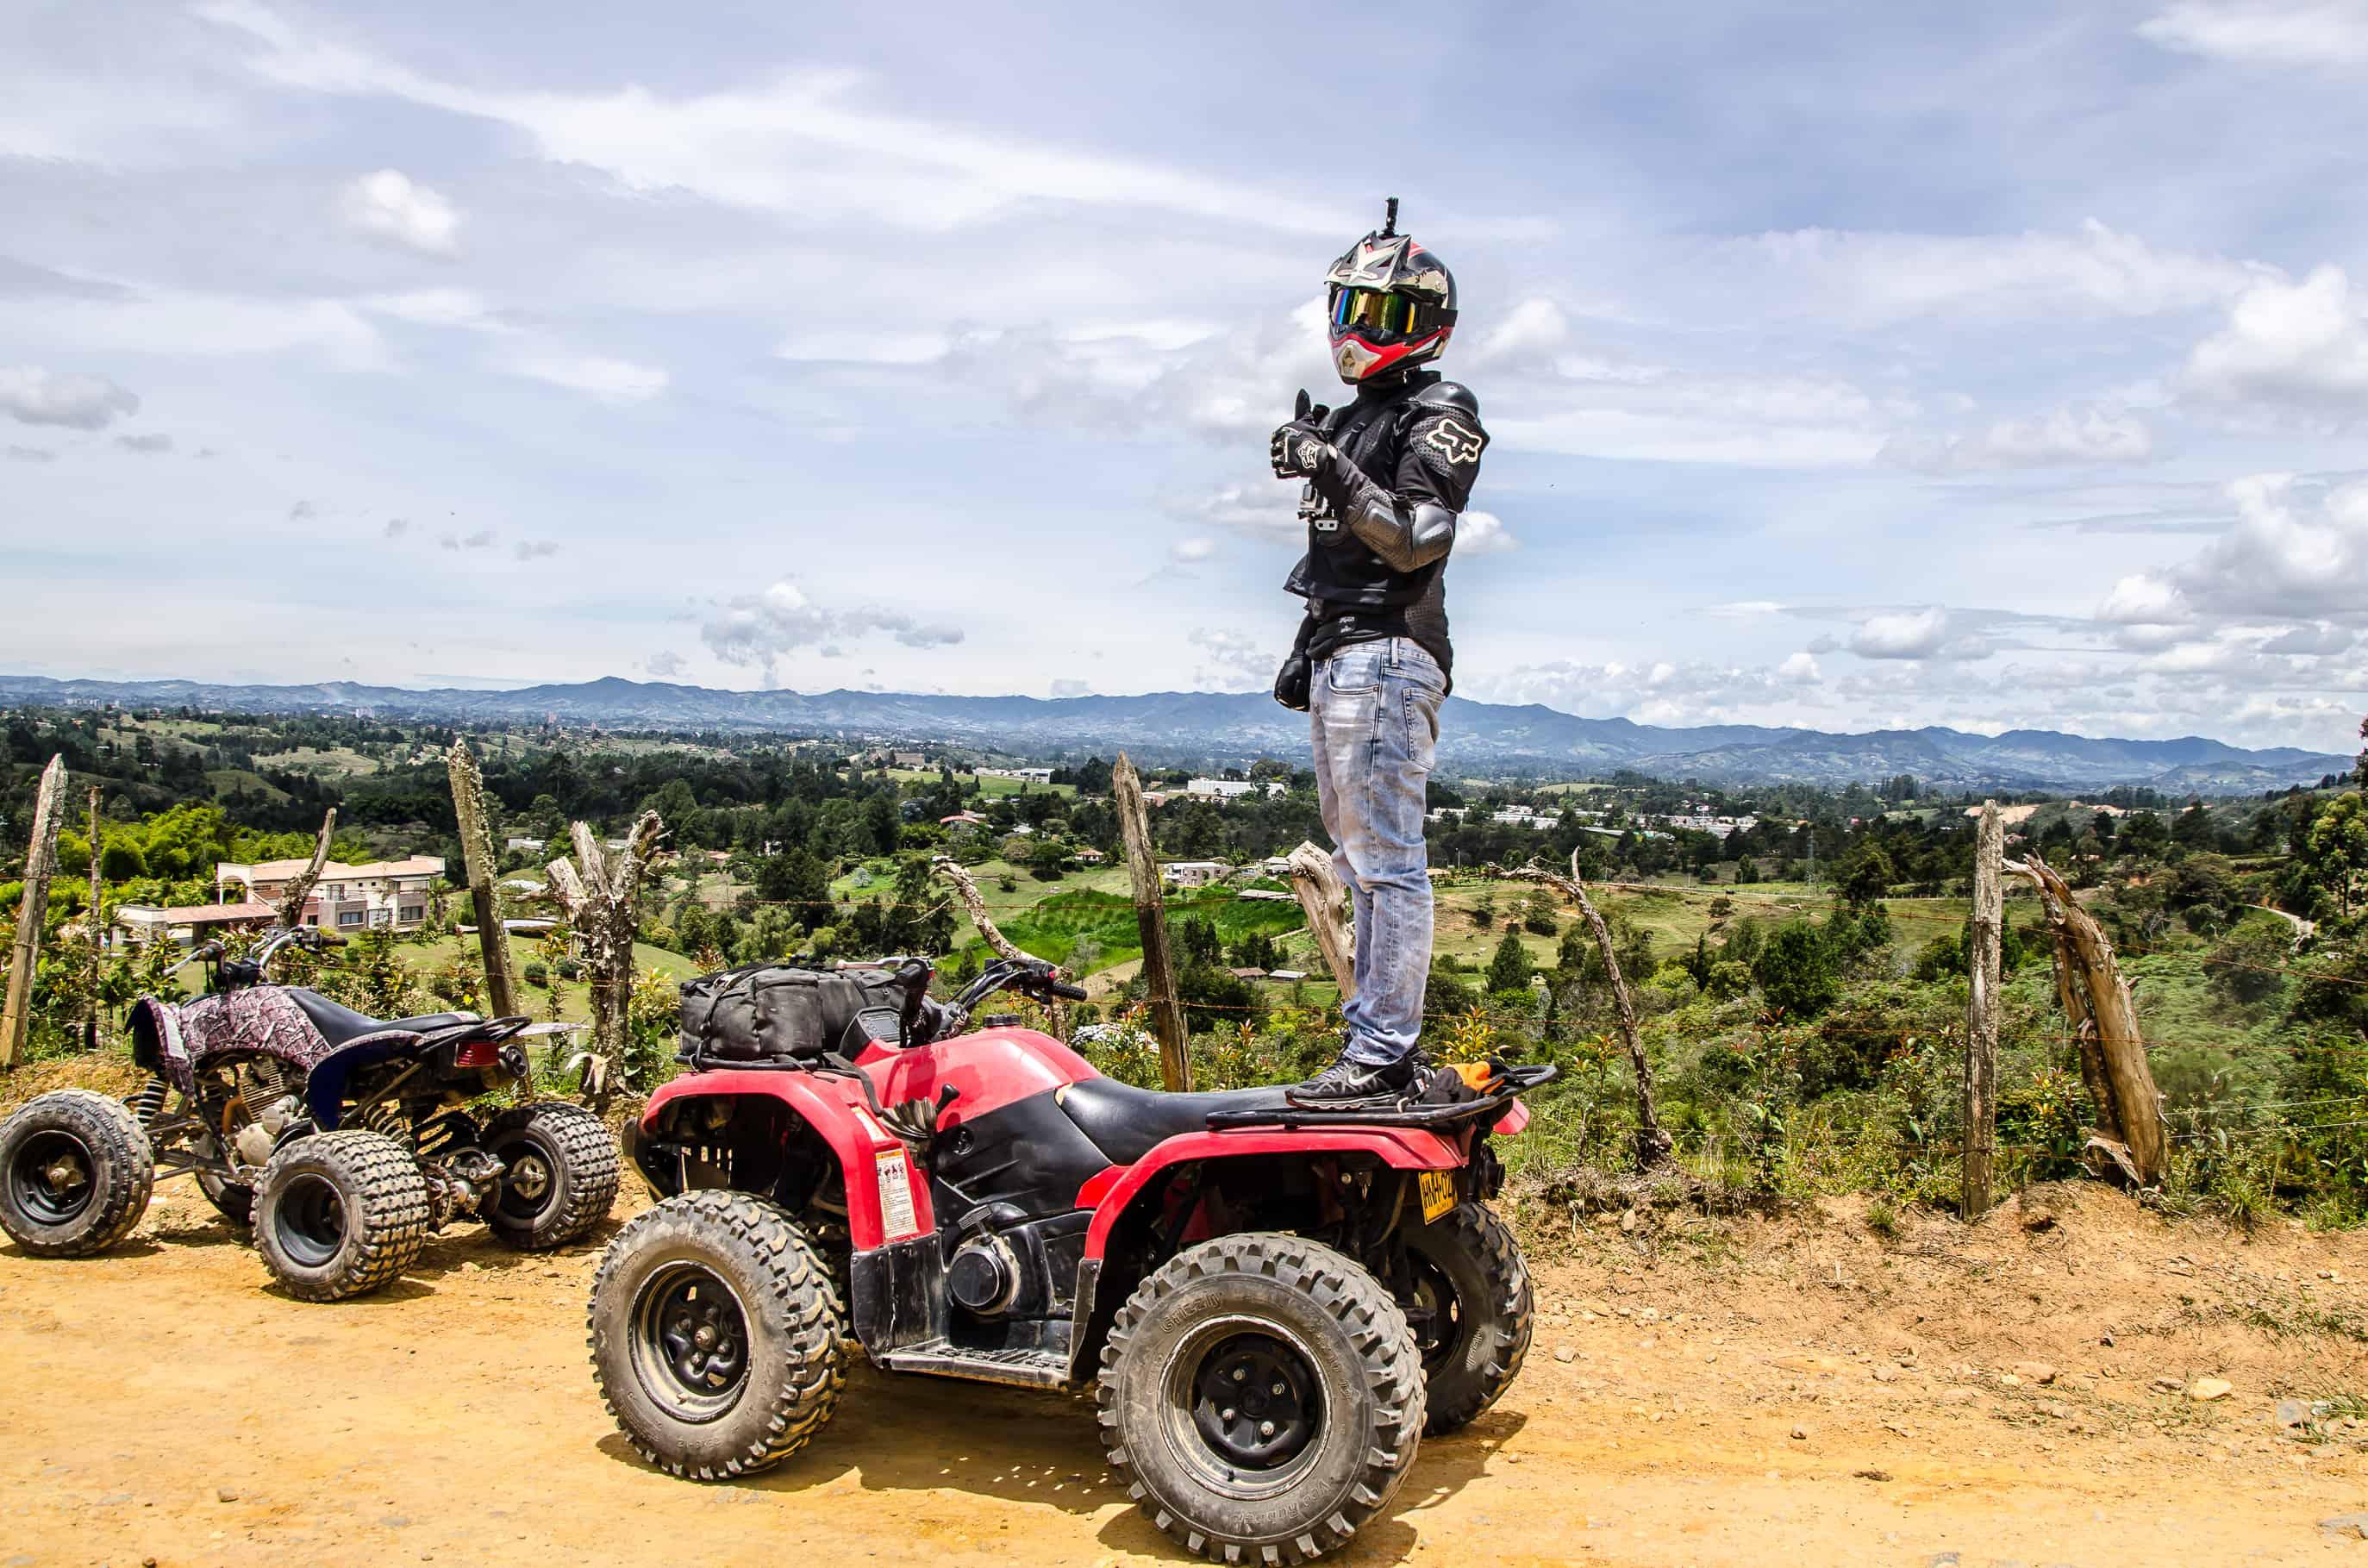 ATV Tours in Medellin